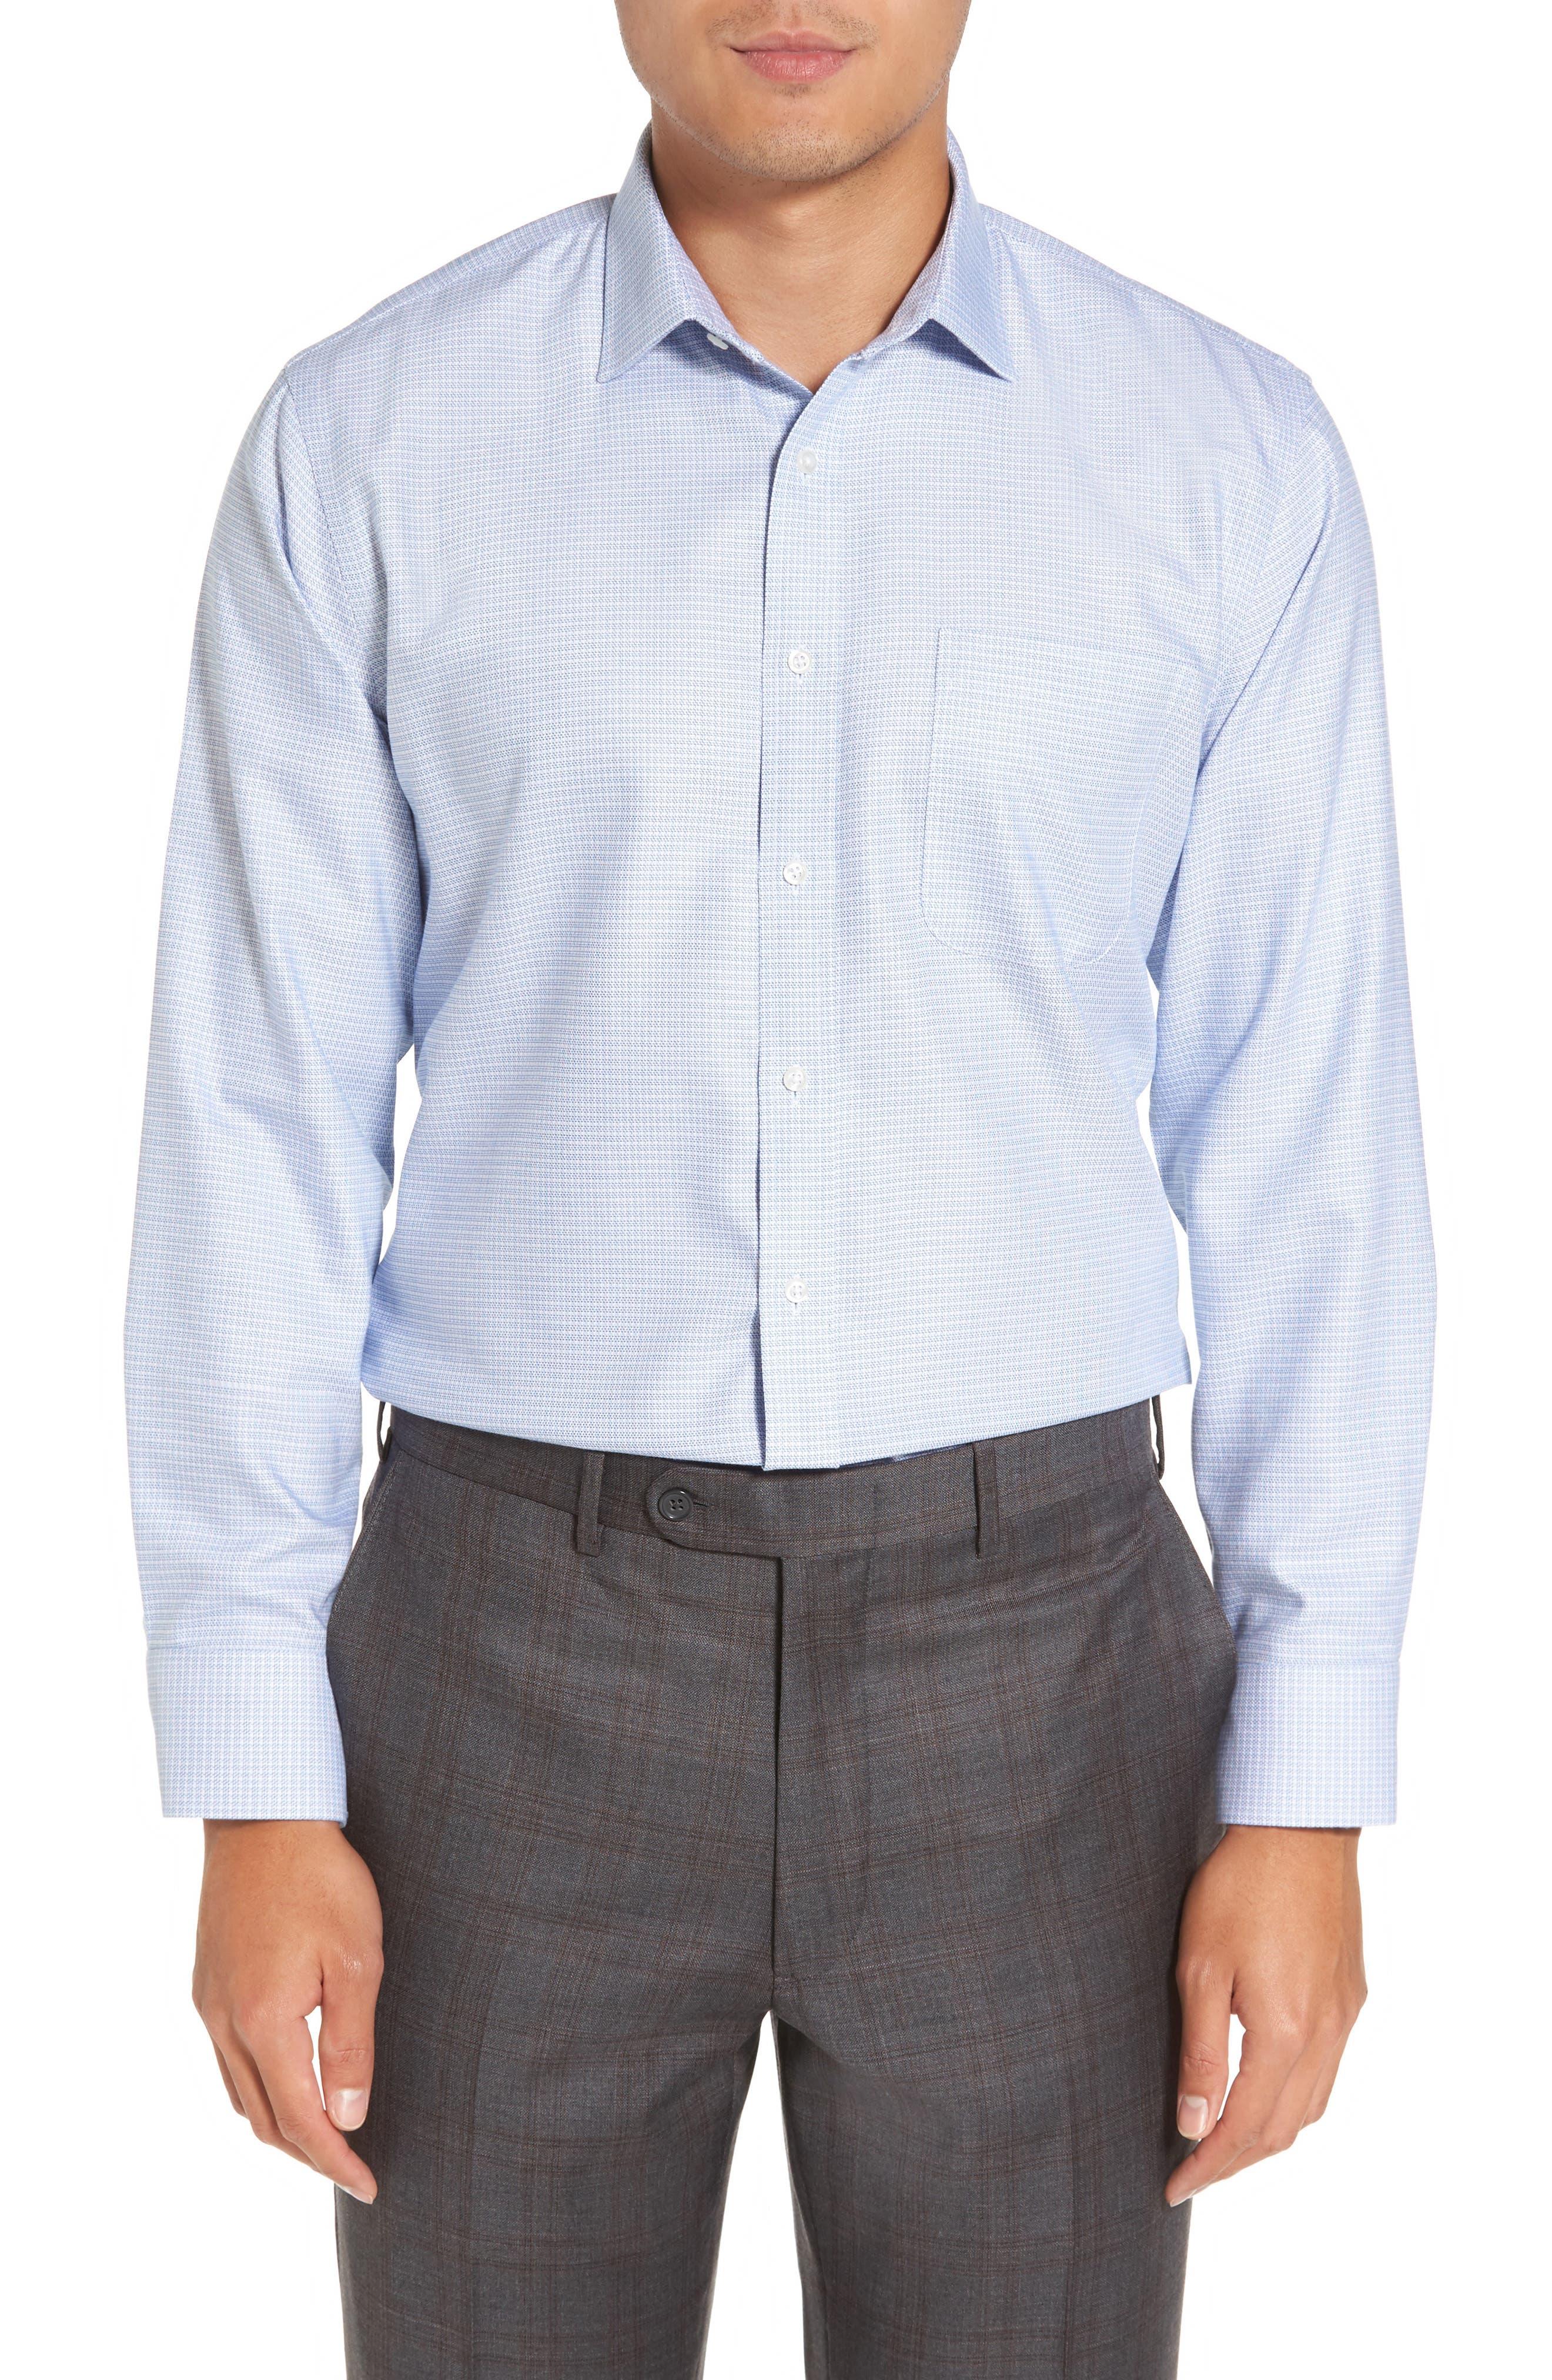 Smartcare<sup>™</sup> Trim Fit Dress Shirt,                         Main,                         color, 450